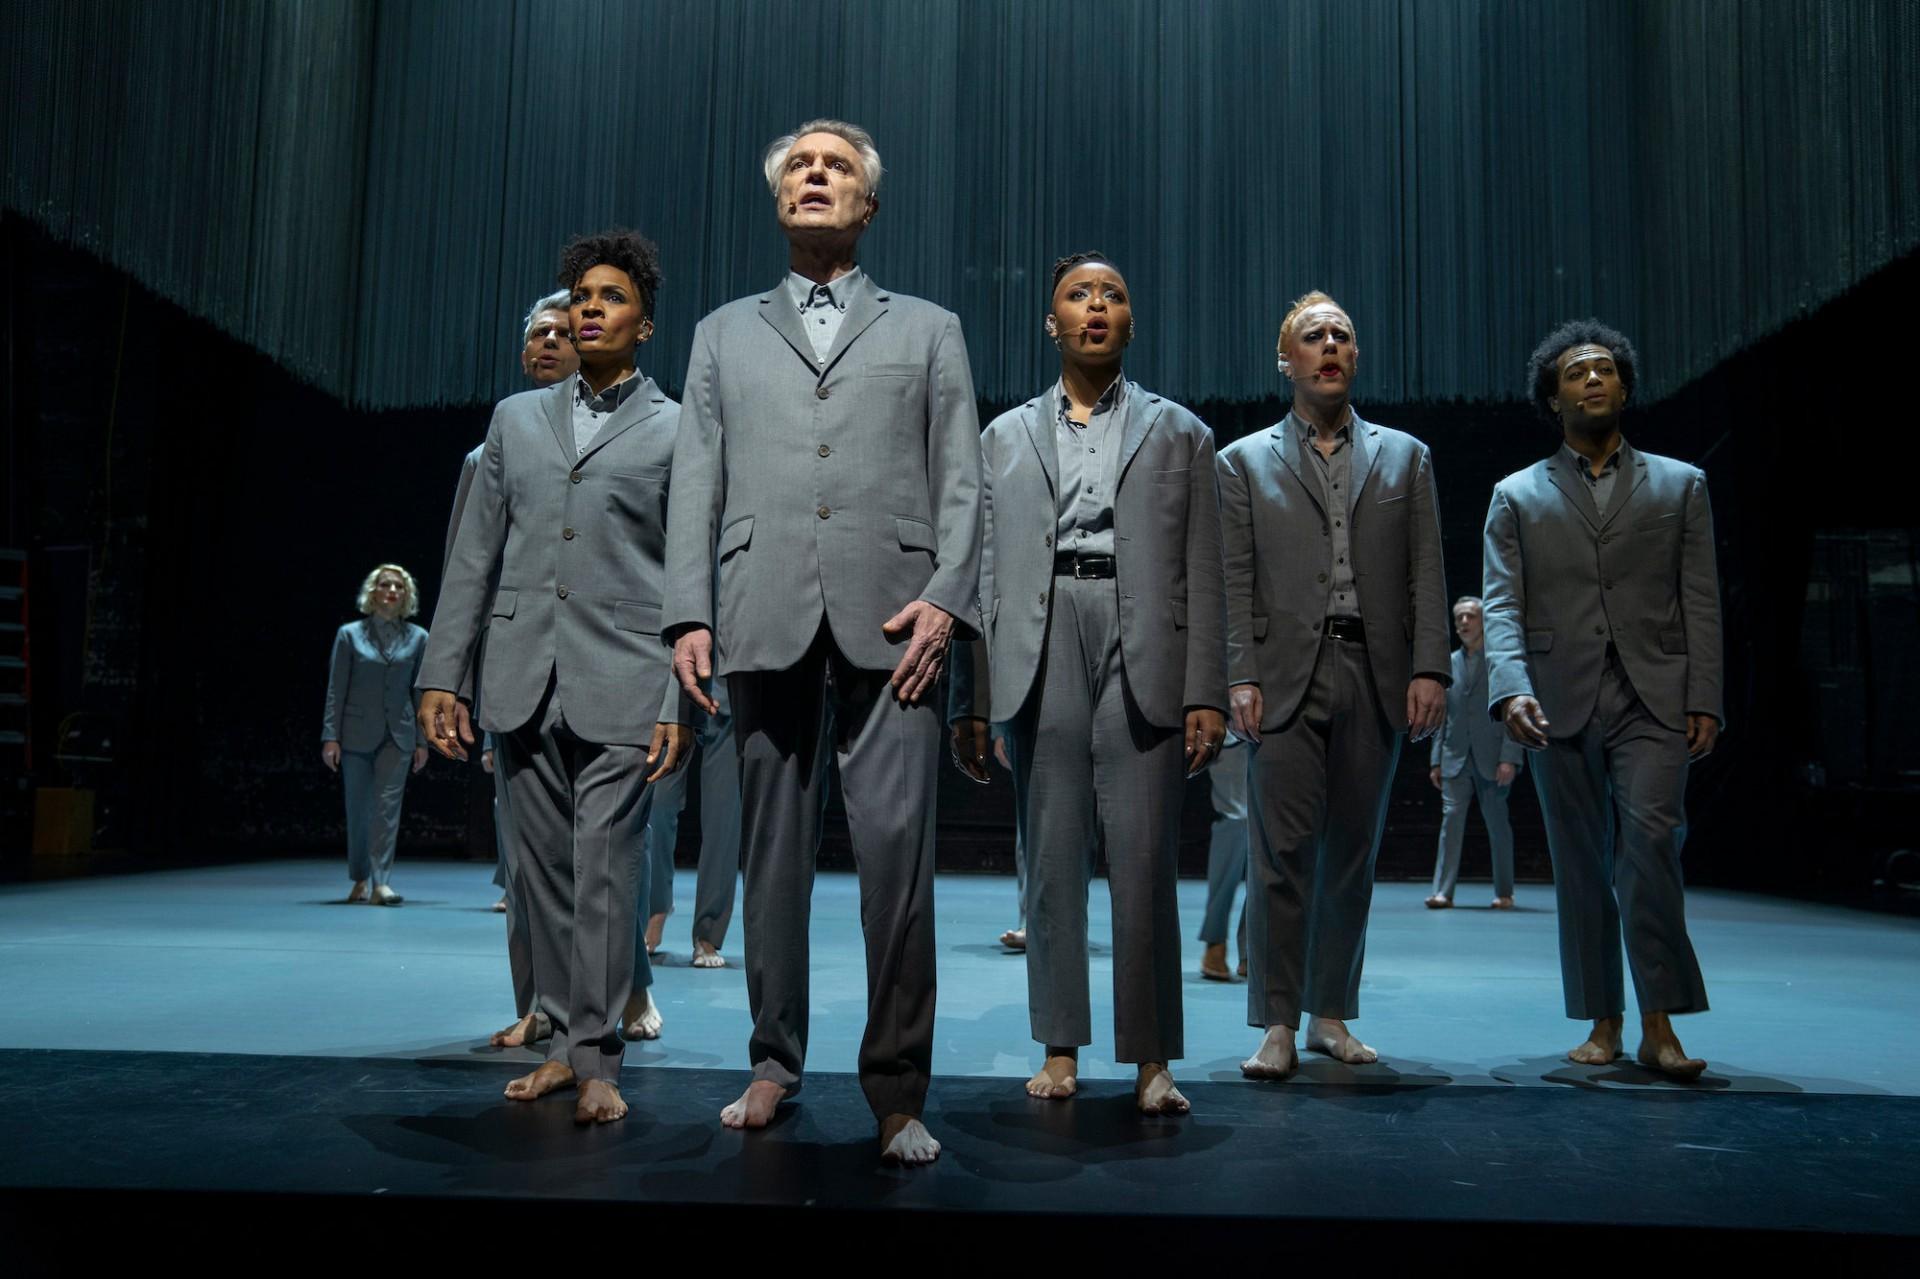 American Utopia, filme de Spike Lee sobre uma residência artística de David Byrne, foi o escolhido pra abertura do Festival de Toronto (Foto: Divulgação)